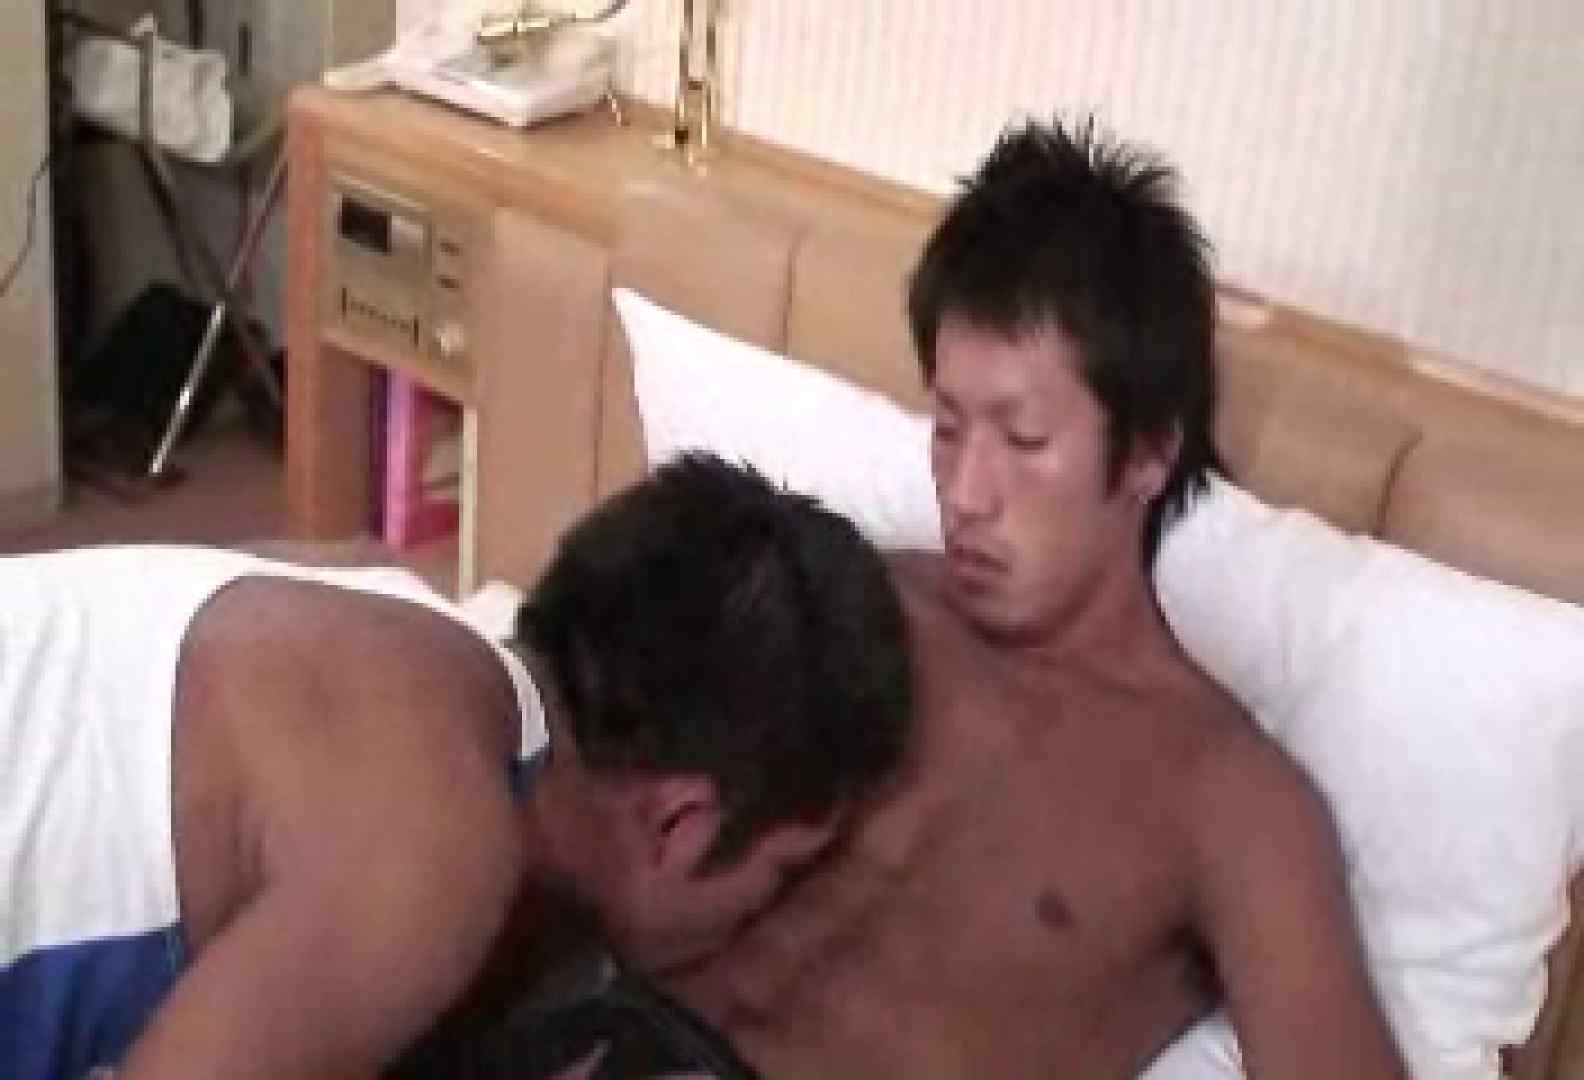 体育会系!!ノンケ肉体美メンズの挑戦!VOL.02 キス ゲイアダルトビデオ画像 107枚 71